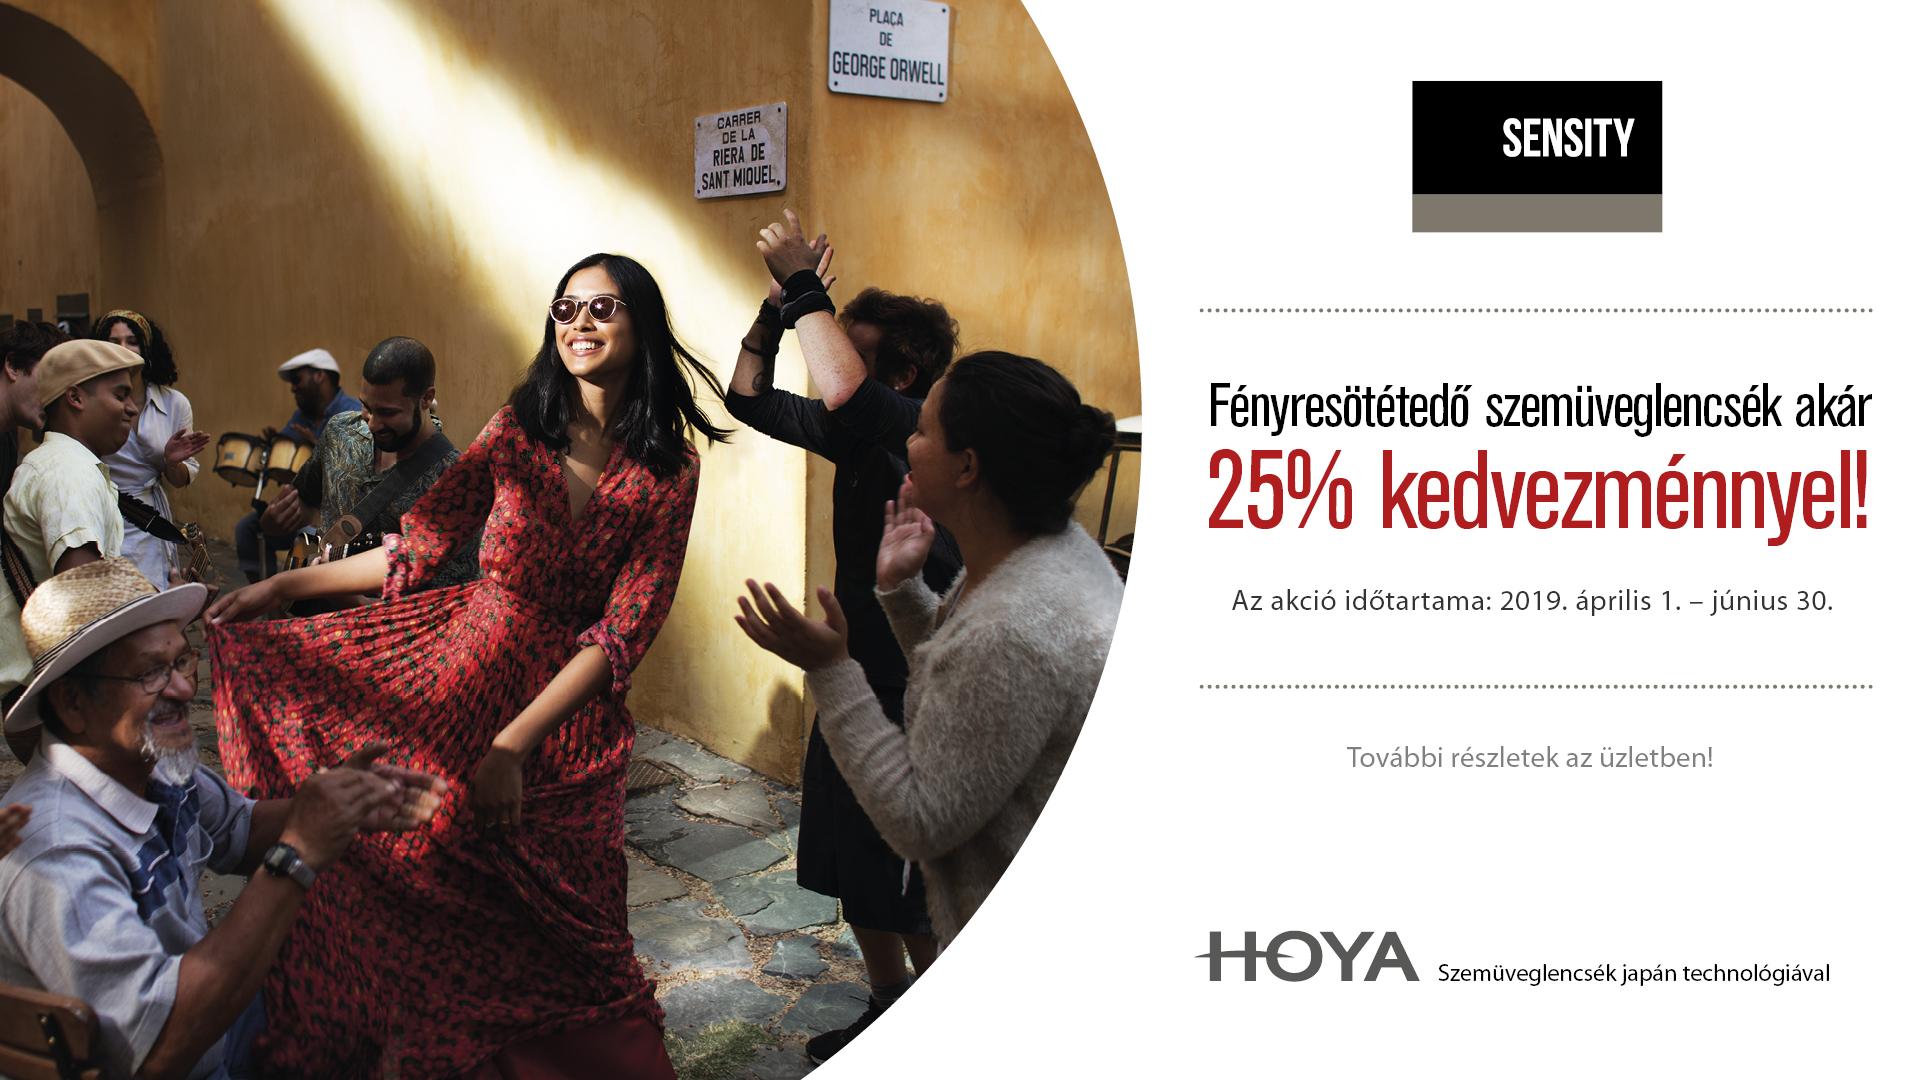 Hoya Sensity fényresötétedő lencse akció